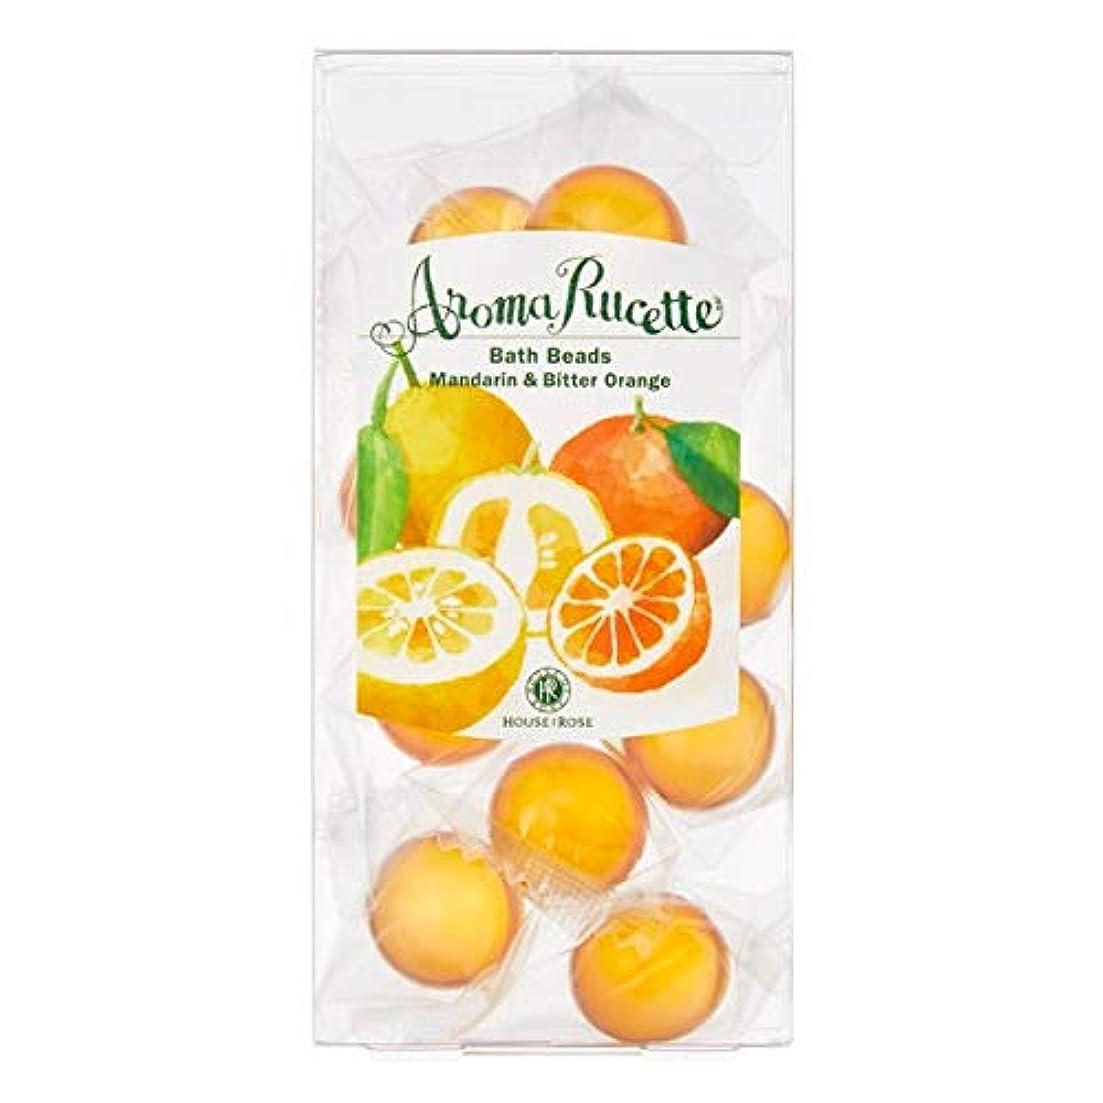 平日デンマーク包括的HOUSE OF ROSE(ハウスオブローゼ) ハウスオブローゼ/アロマルセット バスビーズ MD&BO(マンダリン&ビターオレンジの香り) 7g×11個